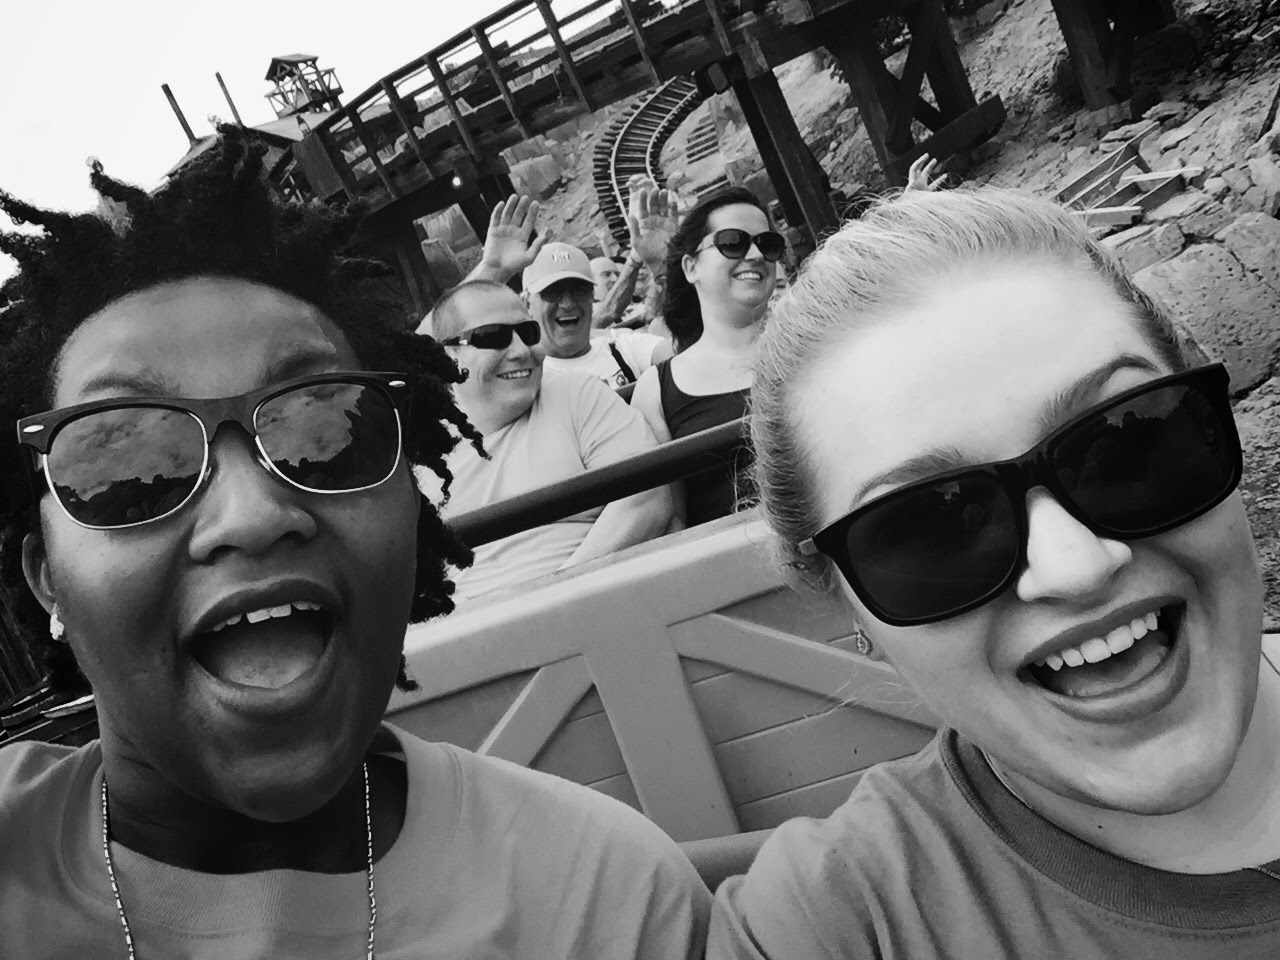 Roller Coaster Selfie